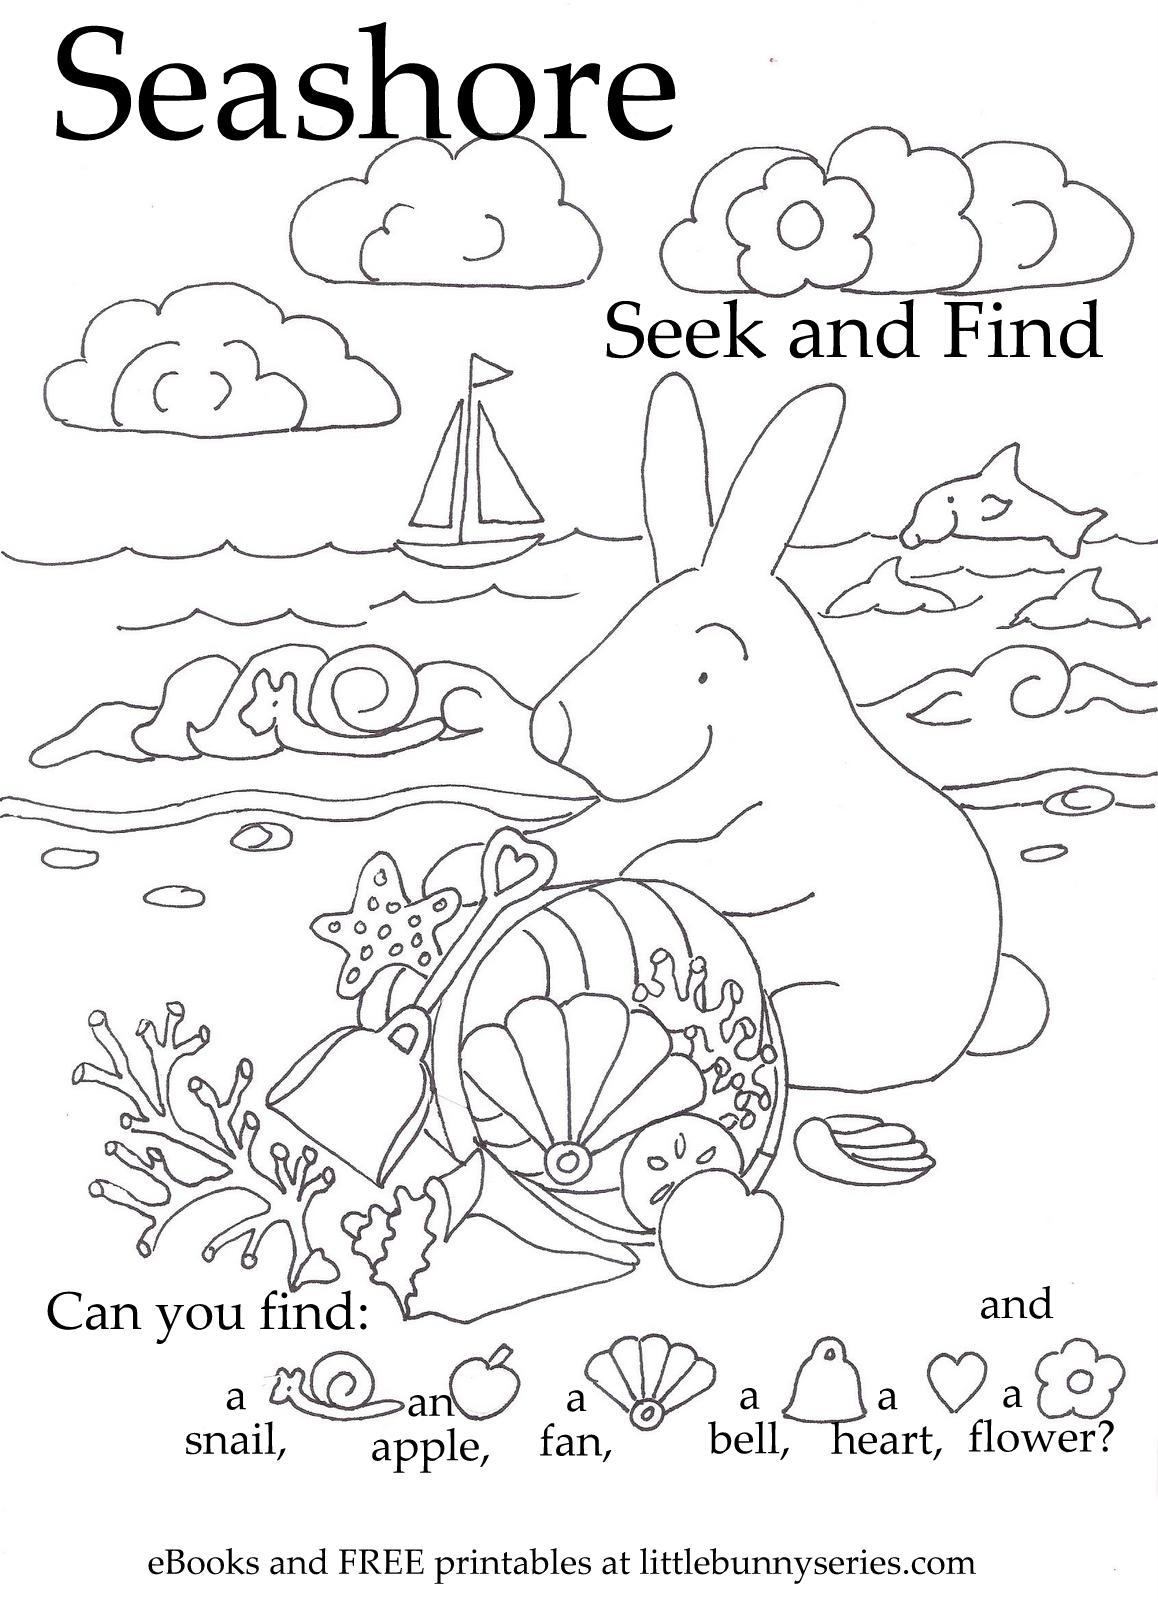 Seashore Seek and Find PDF